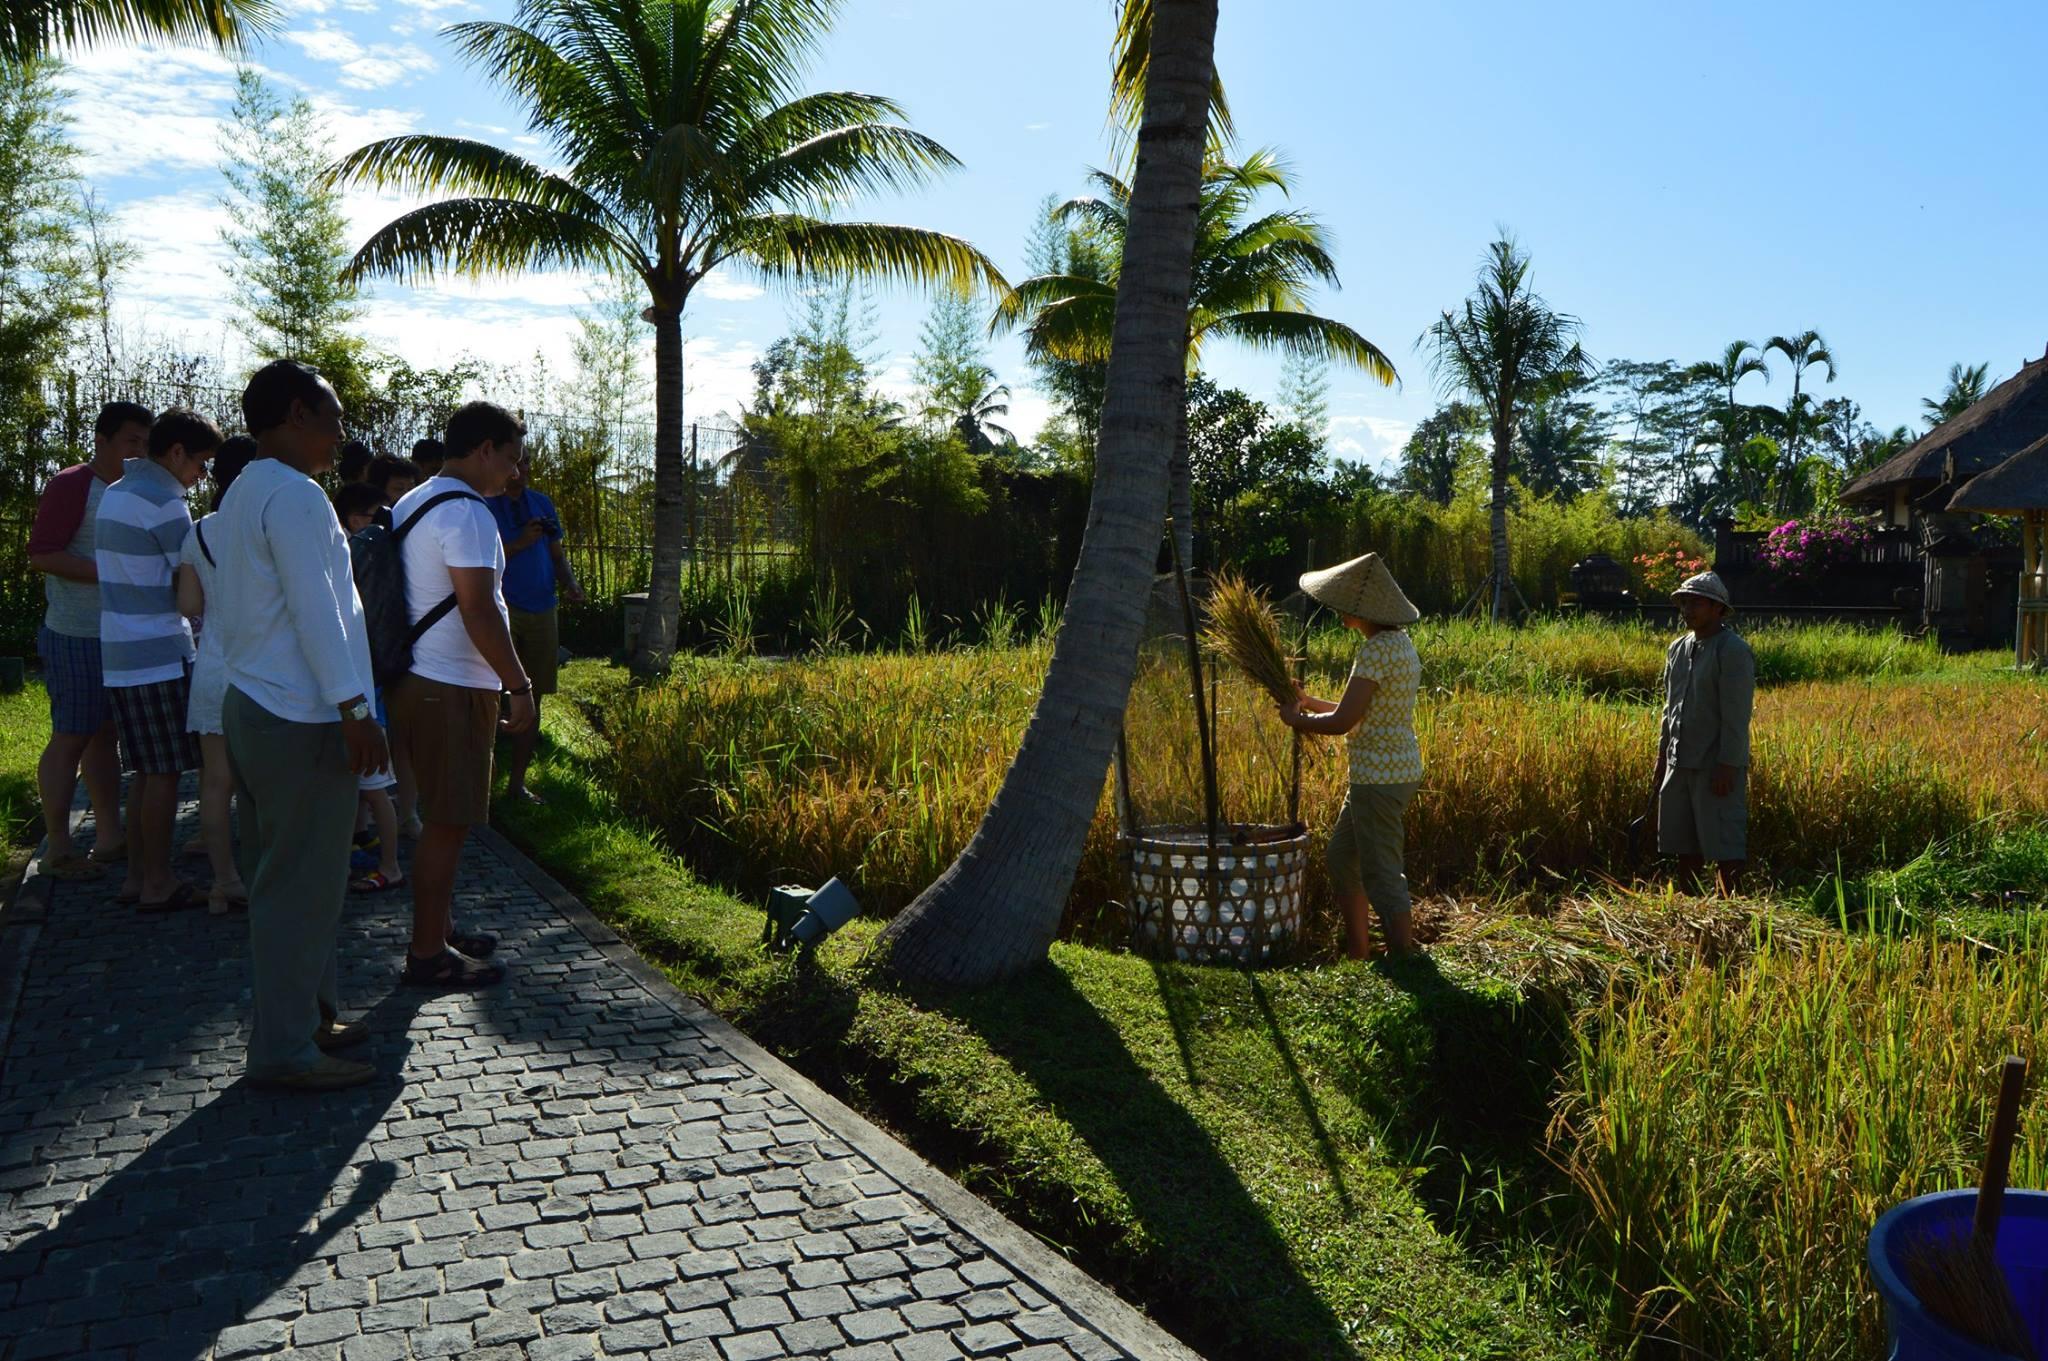 kamandalu-ubud-retreat-center-indonesia-10